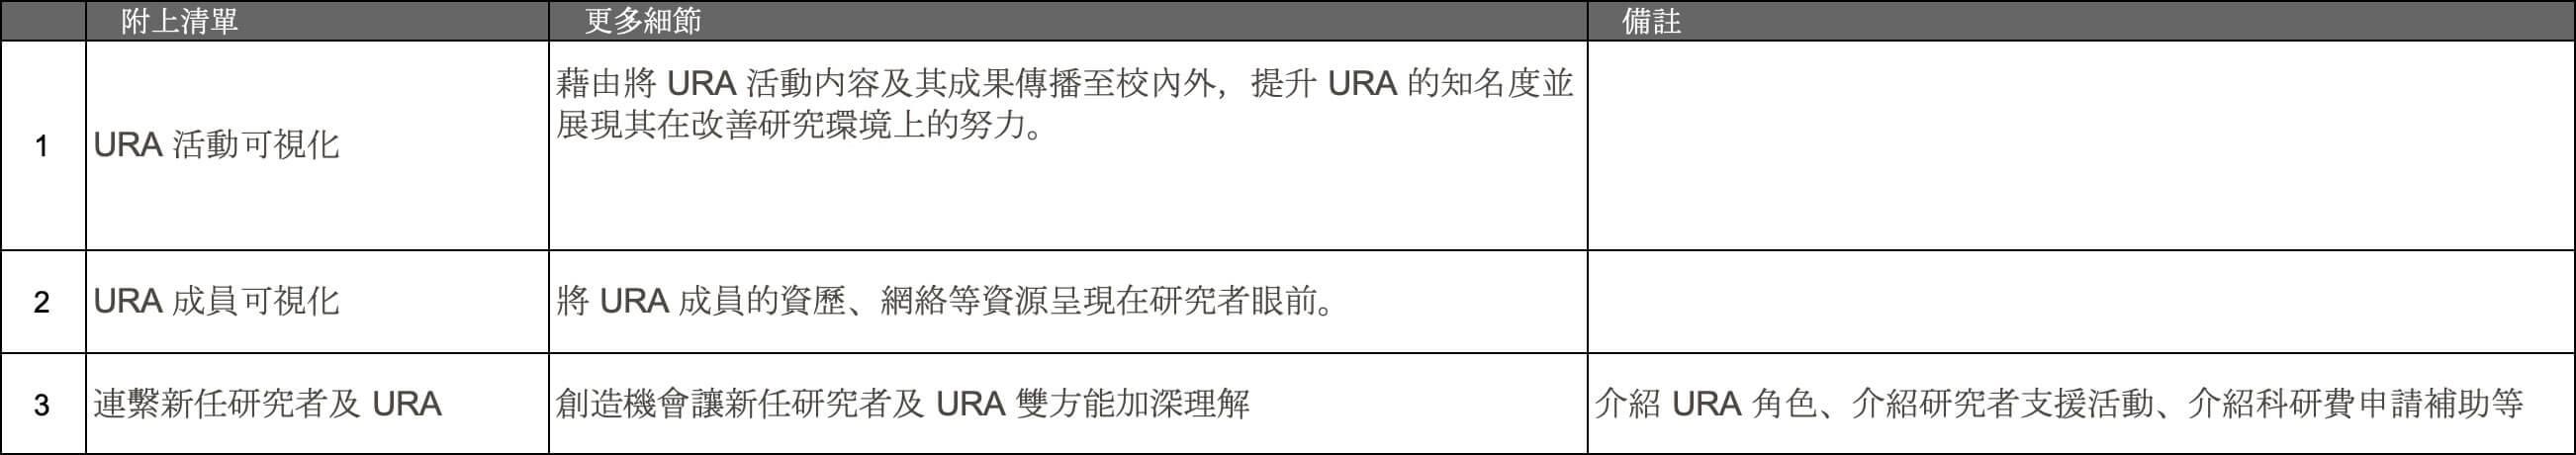 將 URA 的角色及活動可視化